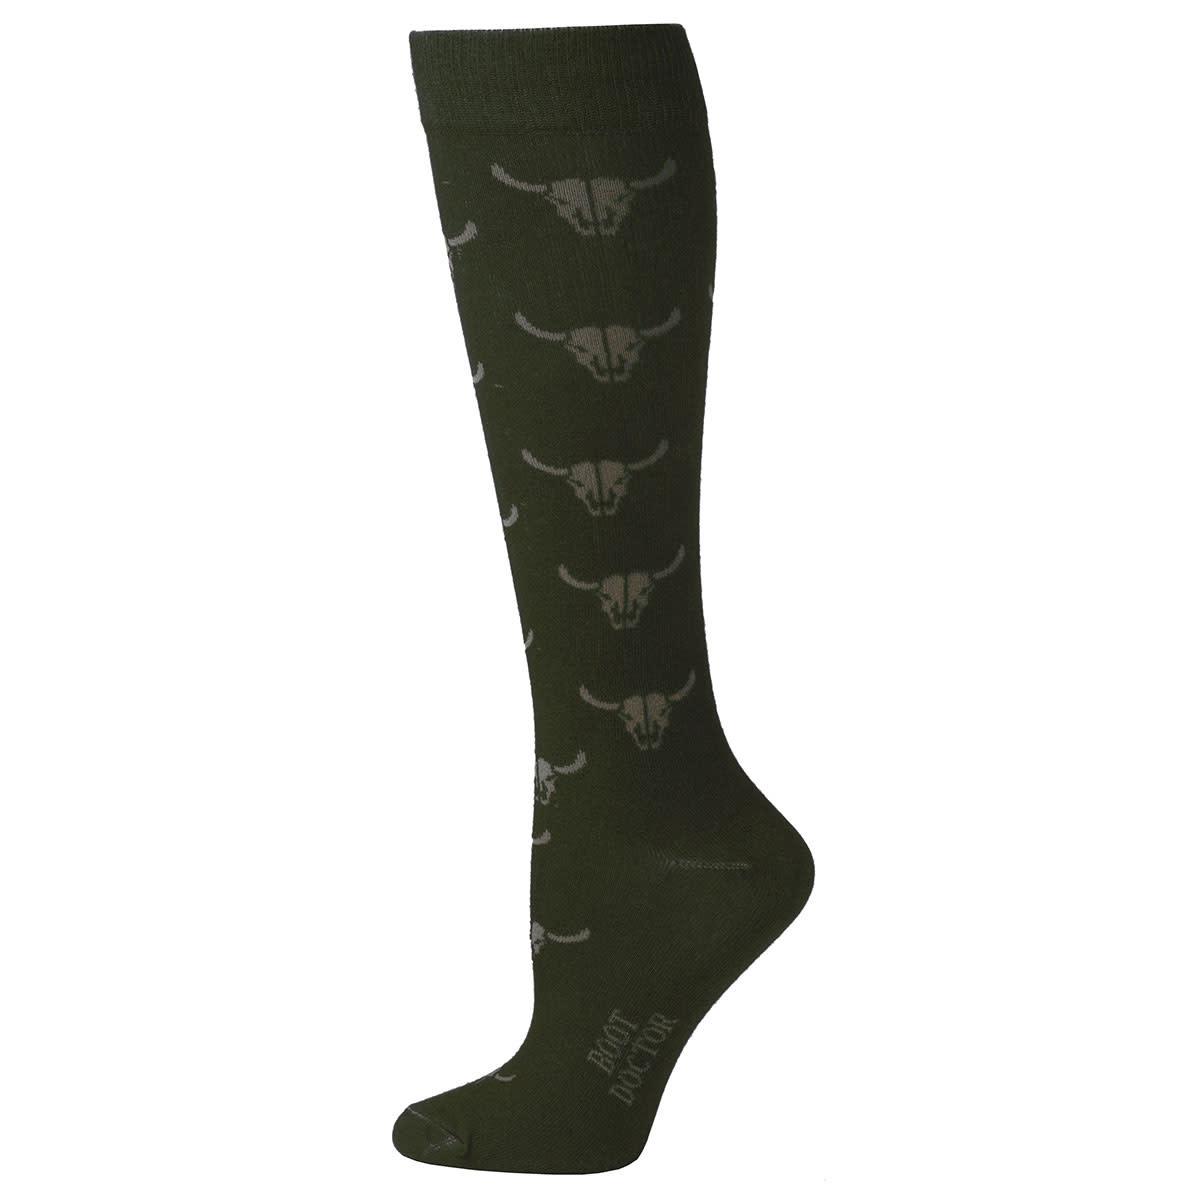 Women's Boot Doctor Over the Calf Socks - Bull Skull